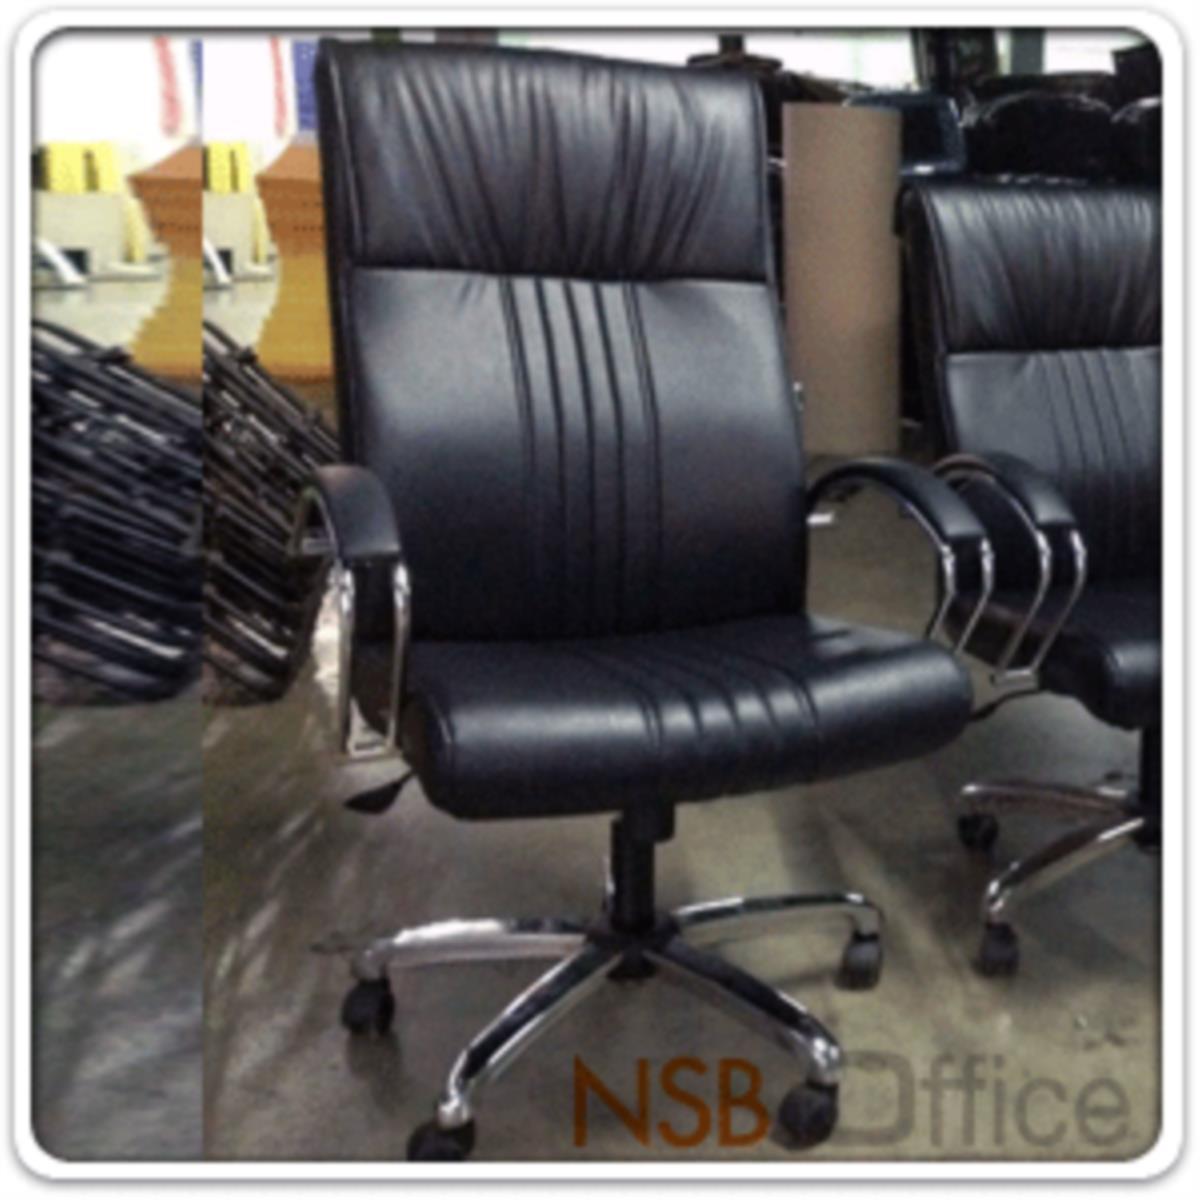 เก้าอี้ผู้บริหาร รุ่น HC-OFC-1H  โช๊คแก๊ส มีก้อนโยก ขาเหล็กชุบโครเมี่ยม